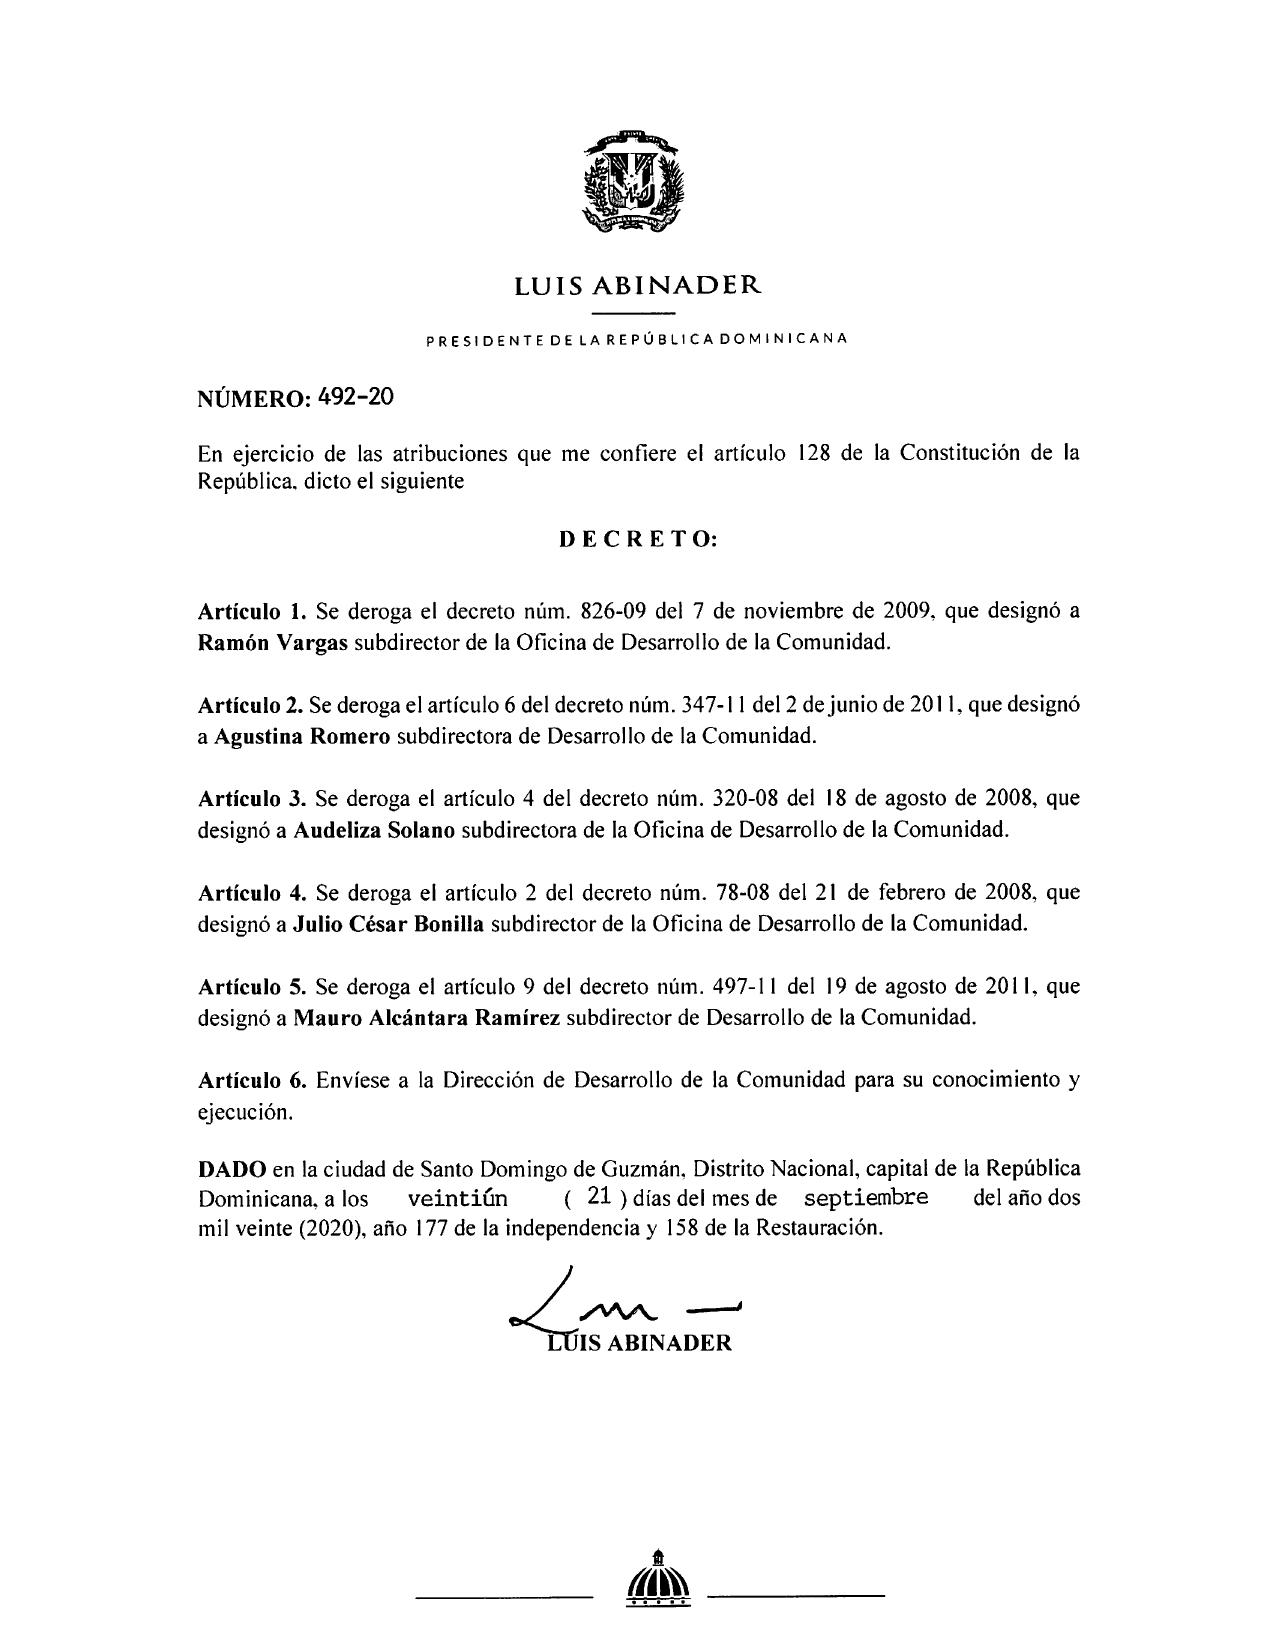 decreto 492-20